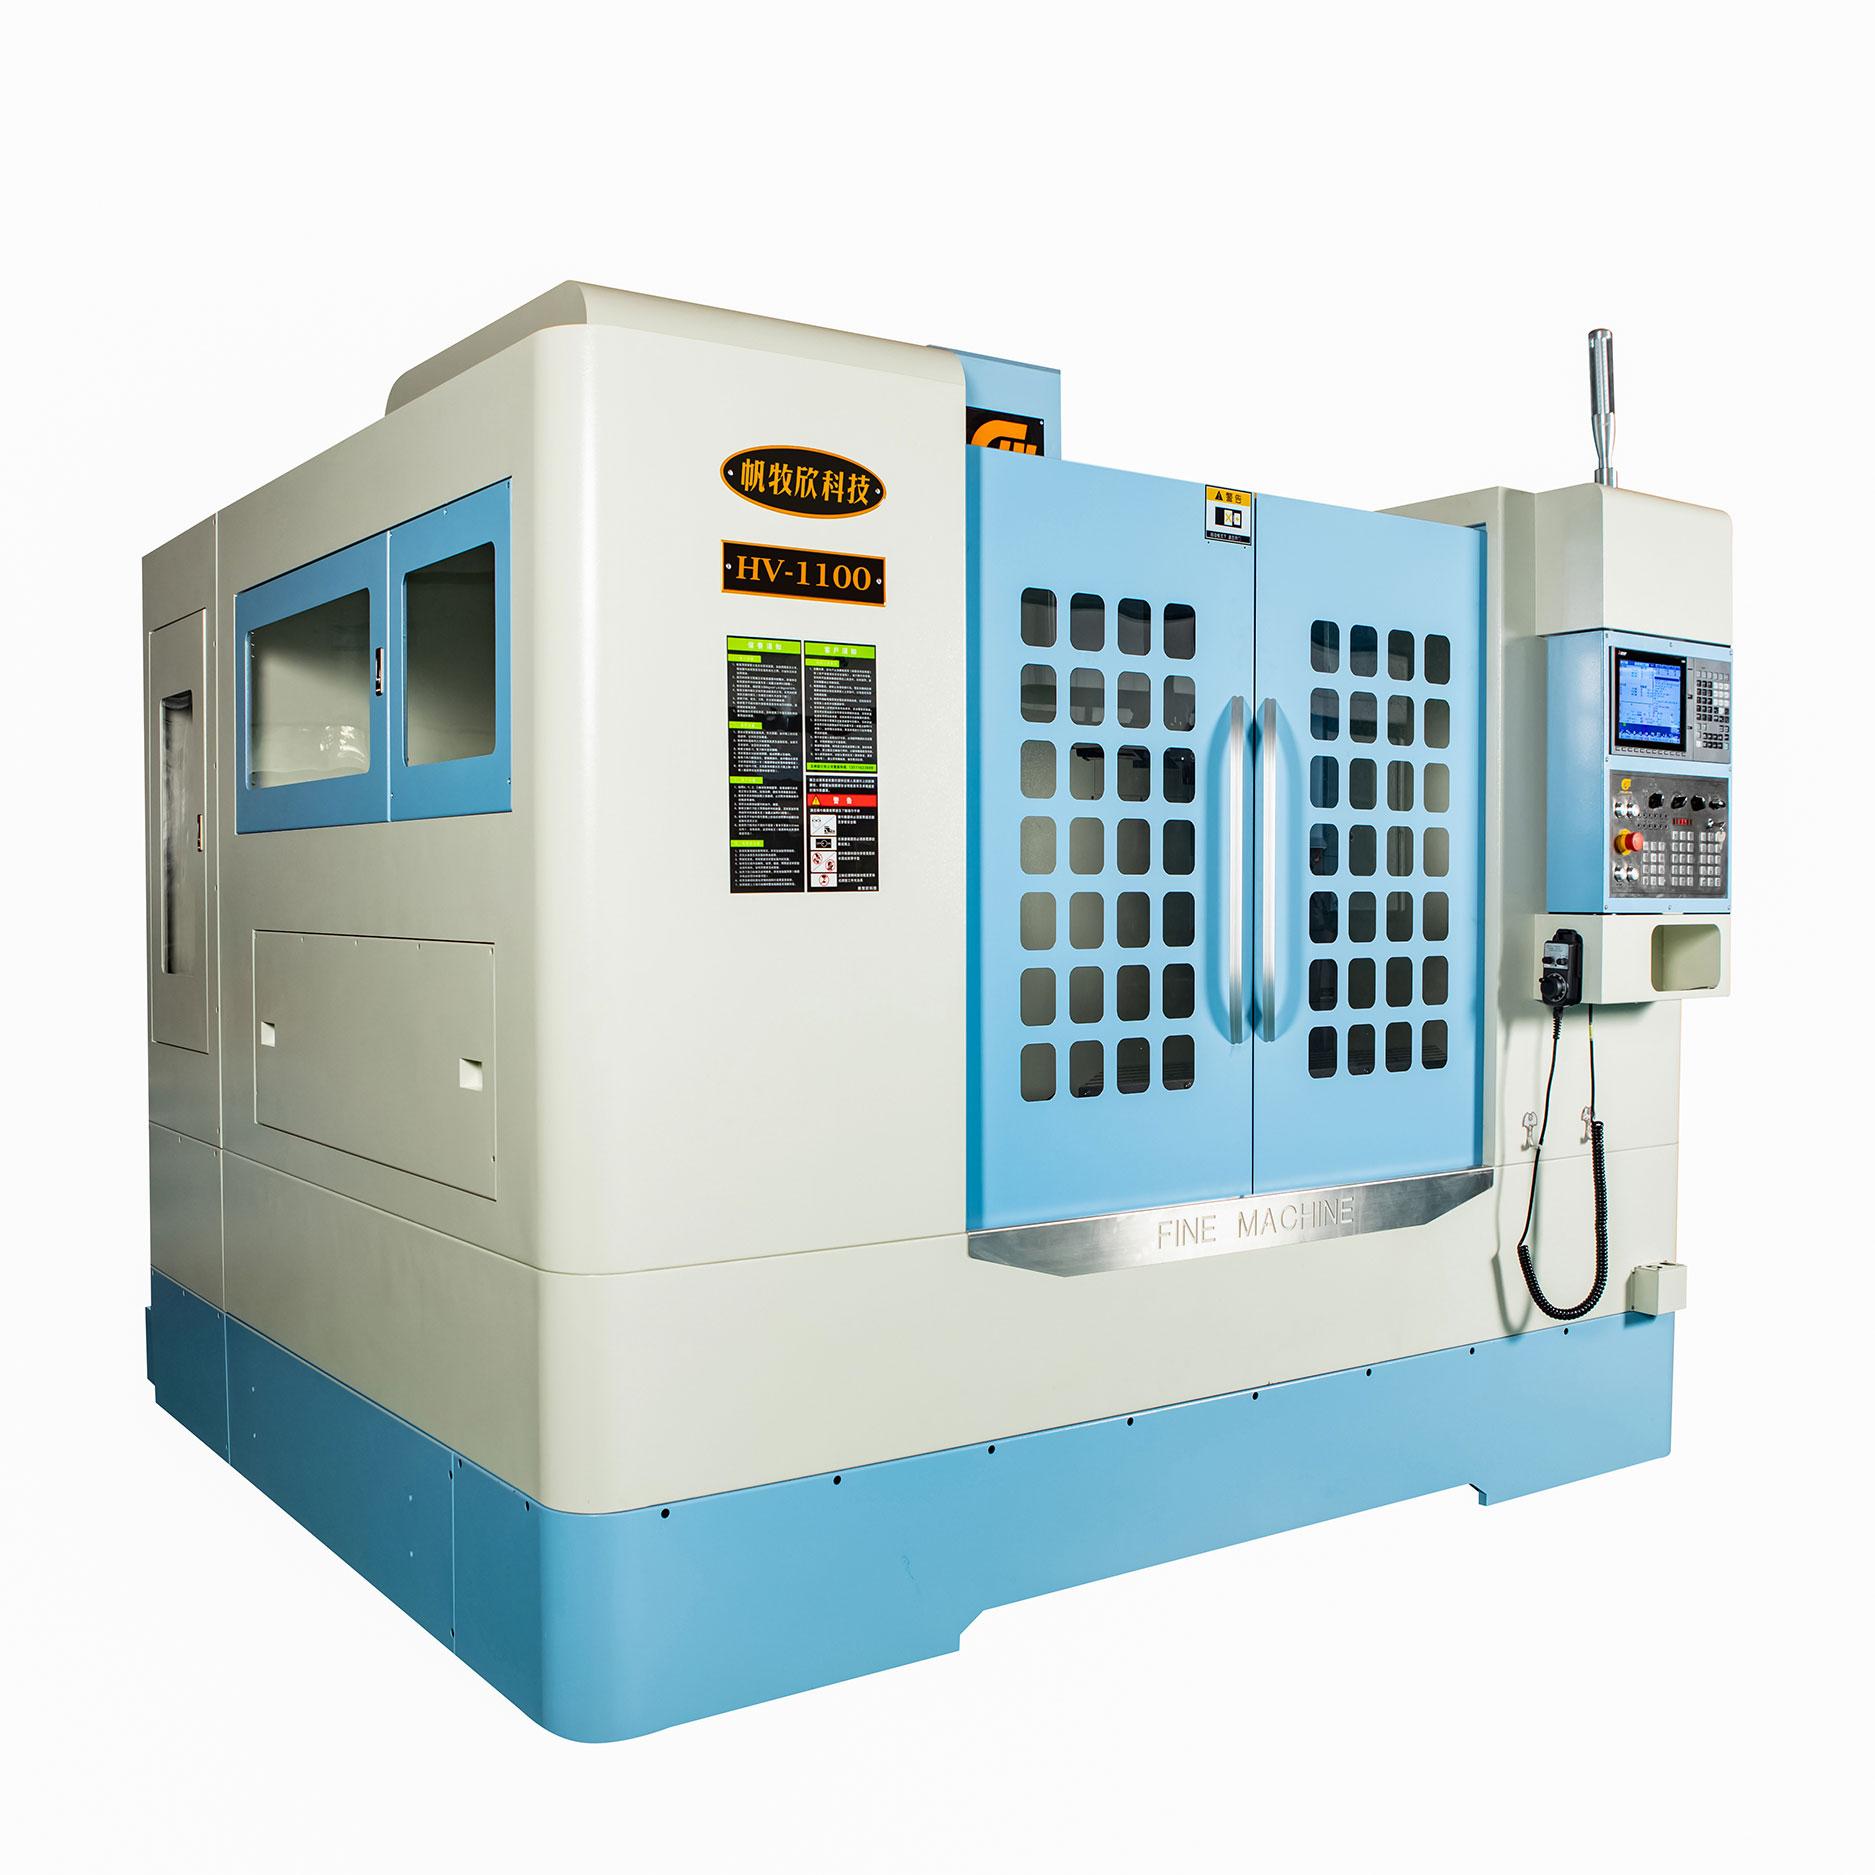 立式高速加工中心HV-1100